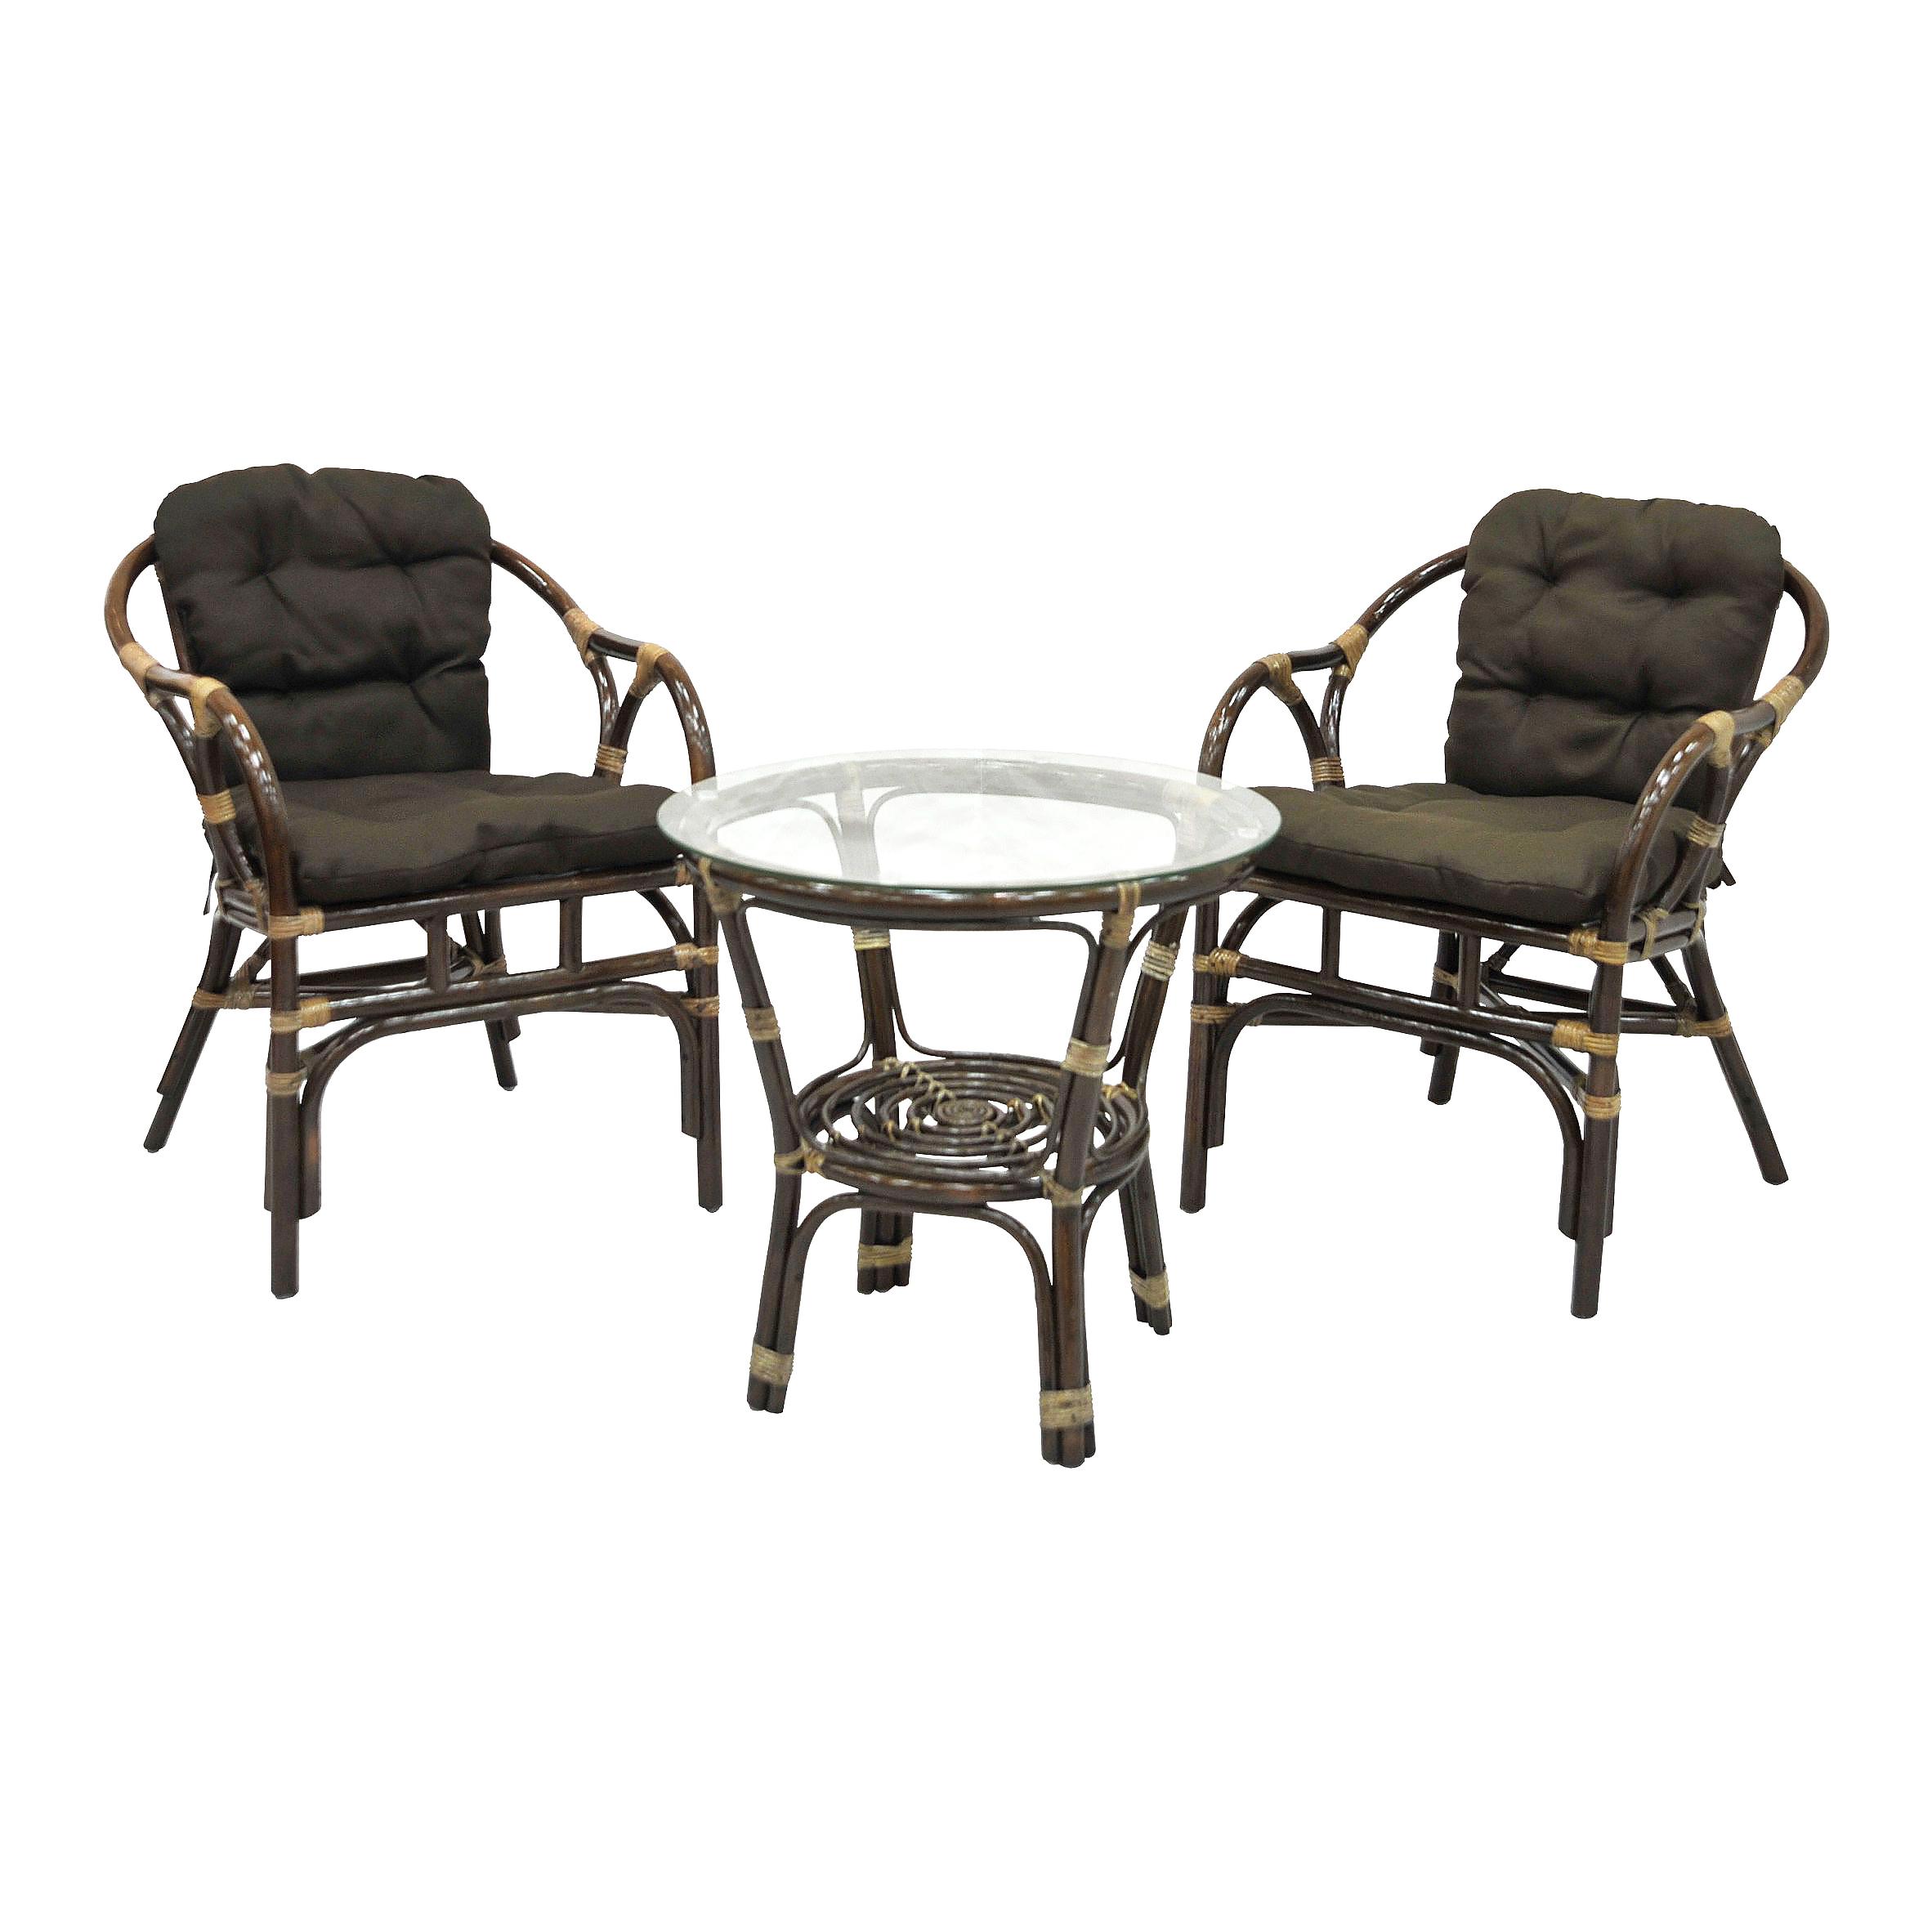 Комплект Terrace SetКомплекты уличной мебели<br>Комплект очень компактный и идеально подходит для небольших помещений. При этом комплект очень удобный, с  простым и лаконичным дизайном. В комплект входят два кресла, мягкие подушки (на сидение), столик со стеклом (на присосках).&amp;lt;div&amp;gt;&amp;lt;br&amp;gt;&amp;lt;/div&amp;gt;&amp;lt;div&amp;gt;Материал каркаса:  натуральный ротанг&amp;lt;/div&amp;gt;&amp;lt;div&amp;gt;Цвет: коричневый&amp;amp;nbsp;&amp;lt;/div&amp;gt;&amp;lt;div&amp;gt;Мягкая обивка/подушка:  ткань твил&amp;lt;/div&amp;gt;&amp;lt;div&amp;gt;Размер: столик со стеклом 55х55х55 см,  кресло 58х62х75 см&amp;lt;/div&amp;gt;&amp;lt;div&amp;gt;Выдерживаемая нагрузка, кг:  90&amp;lt;/div&amp;gt;<br><br>Material: Ротанг<br>Width см: 58<br>Depth см: 62<br>Height см: 75